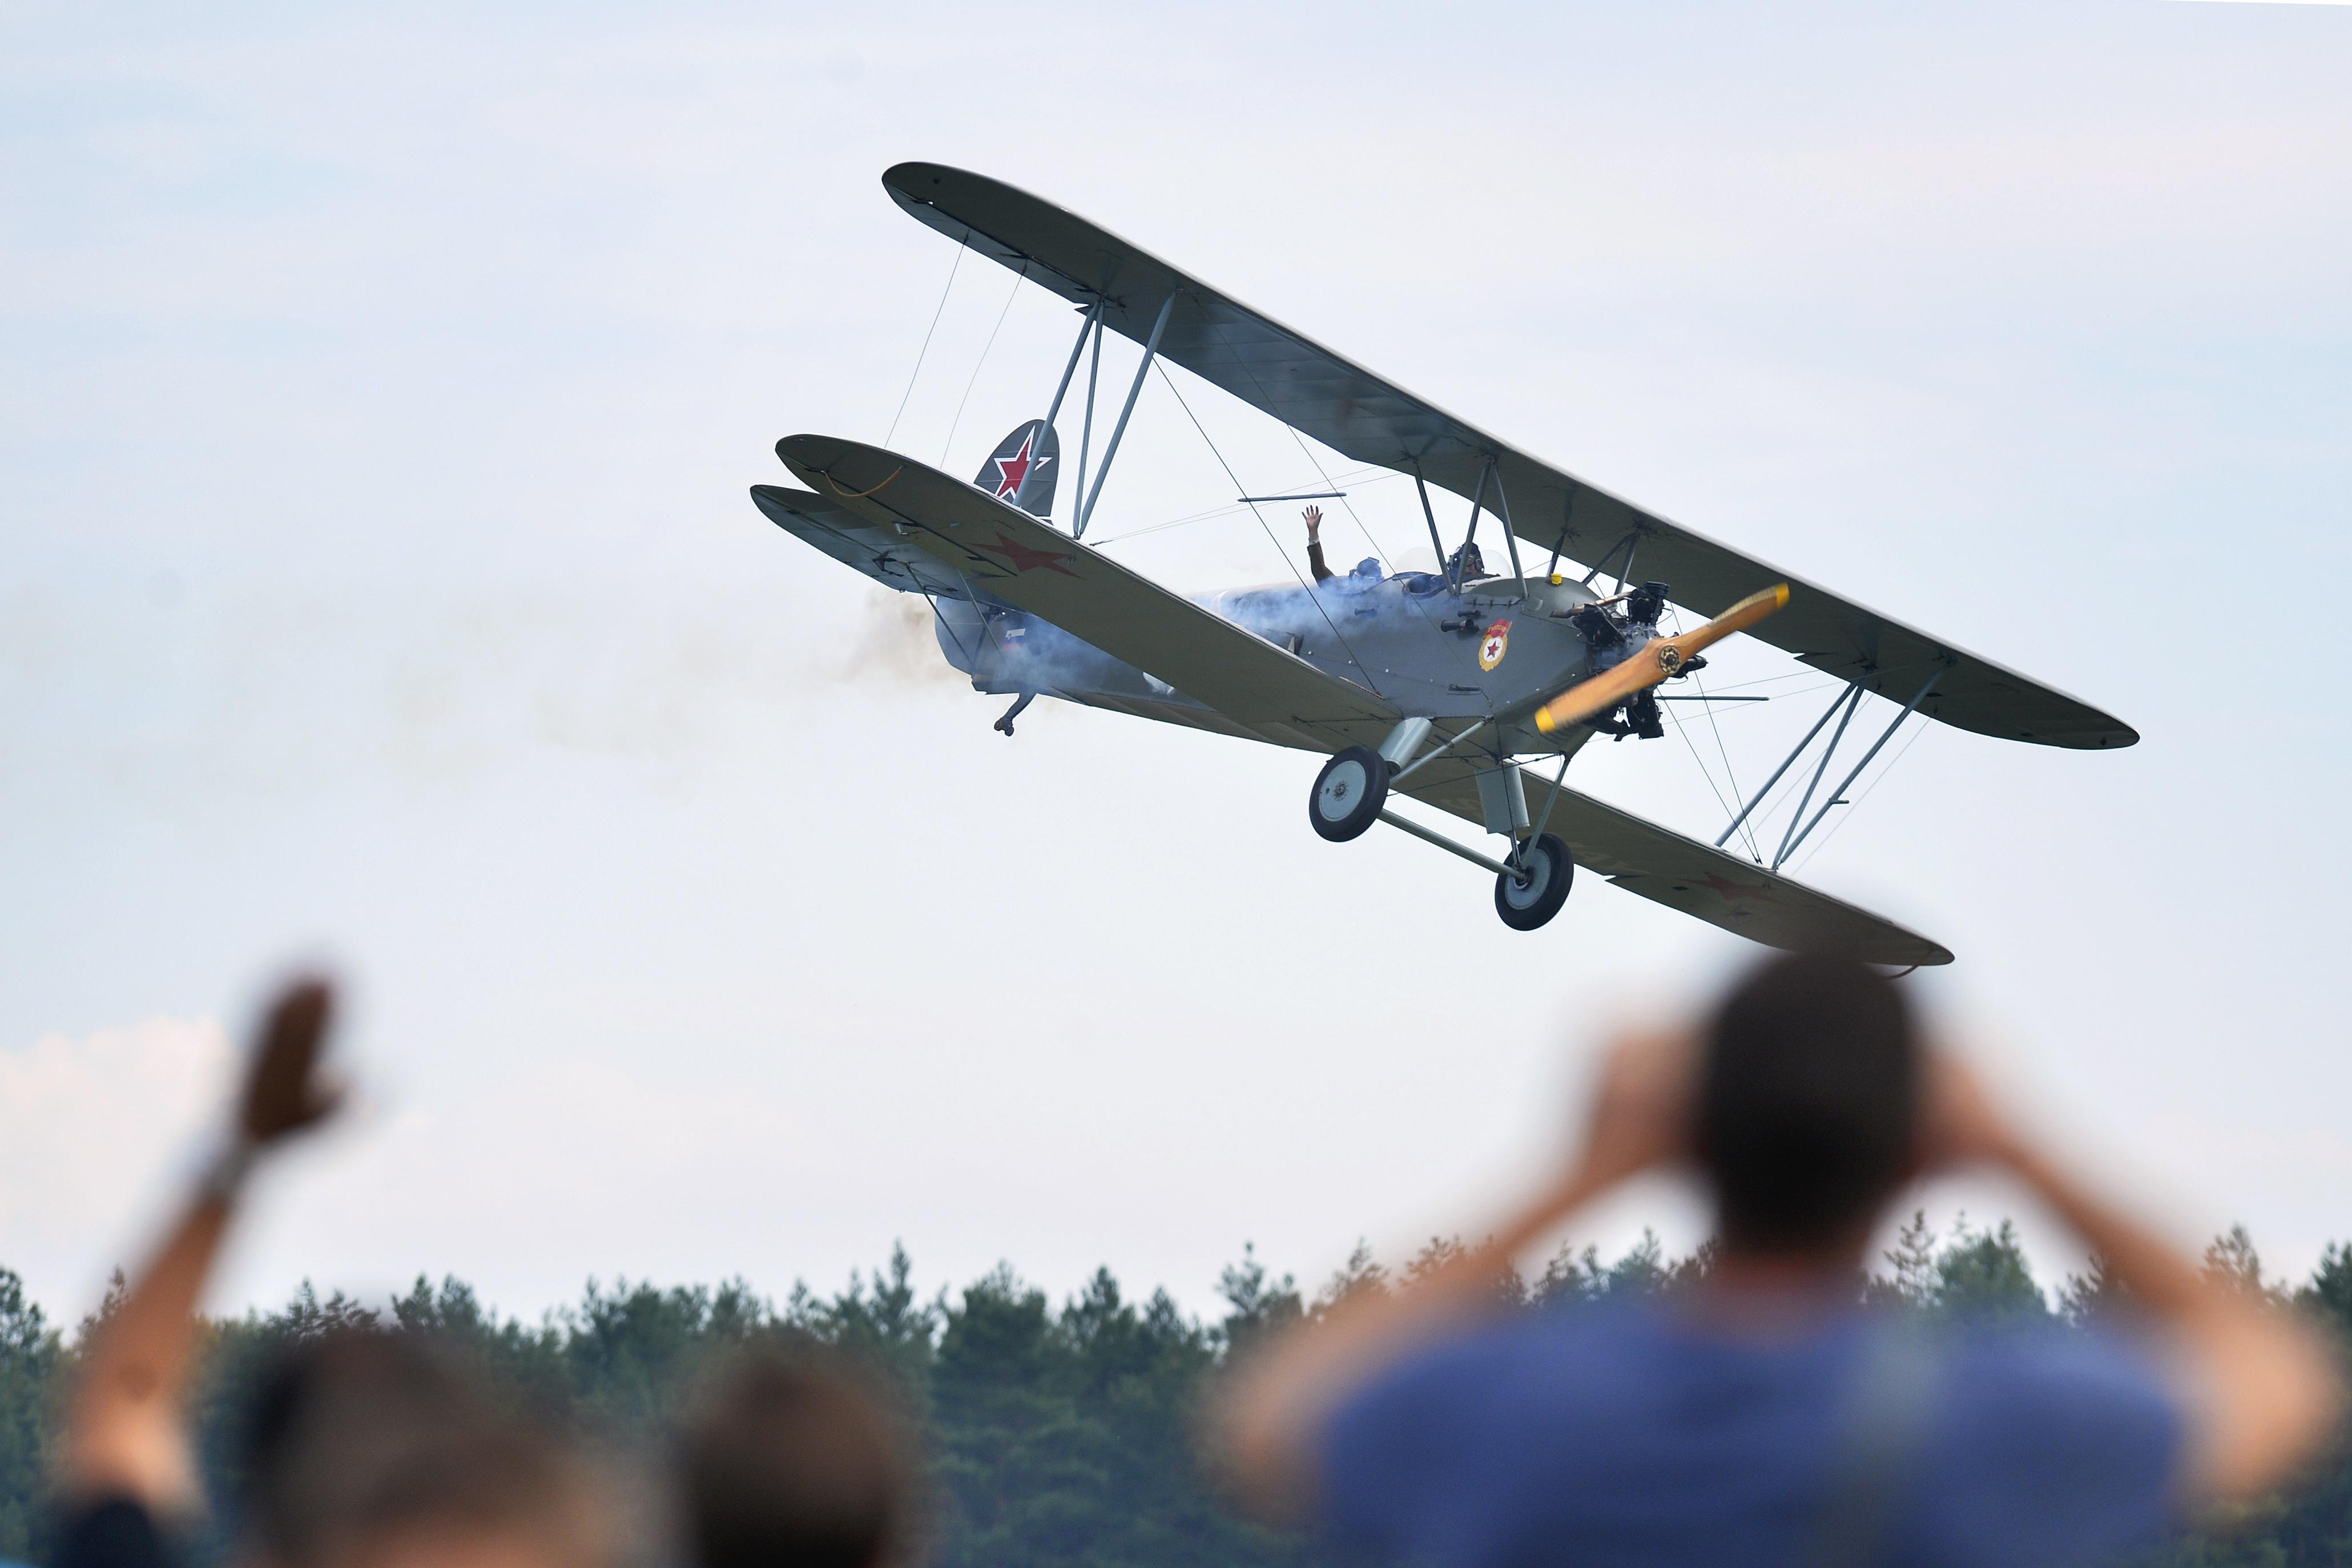 9 сентября 2018 года во время авиашоу в Пльзене (Пльзень)